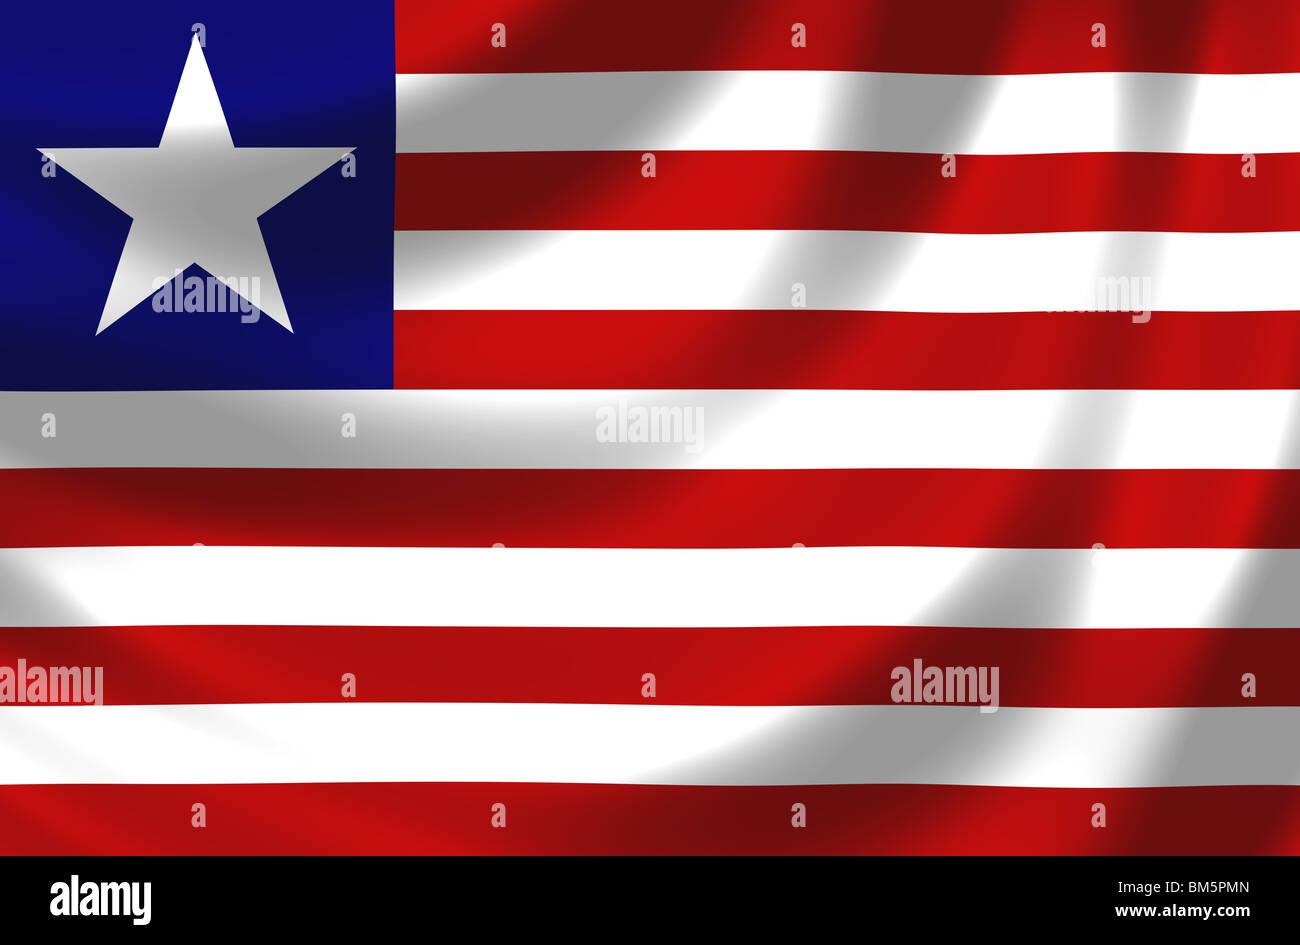 Flag of Liberia - Stock Image